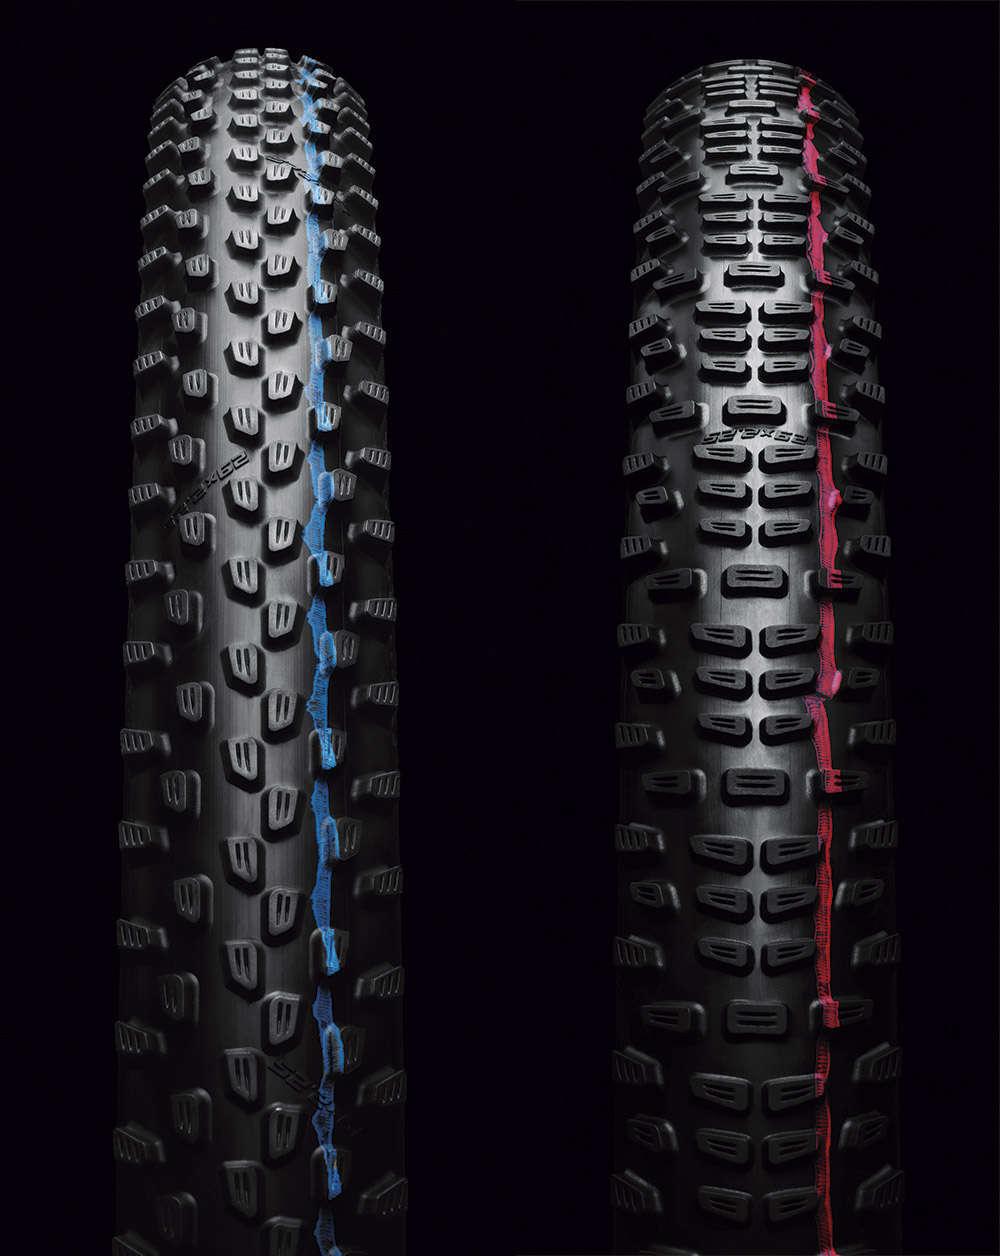 Schwalbe presenta los neumáticos Racing Ray y Racing Ralph, la combinación perfecta para el XCO moderno